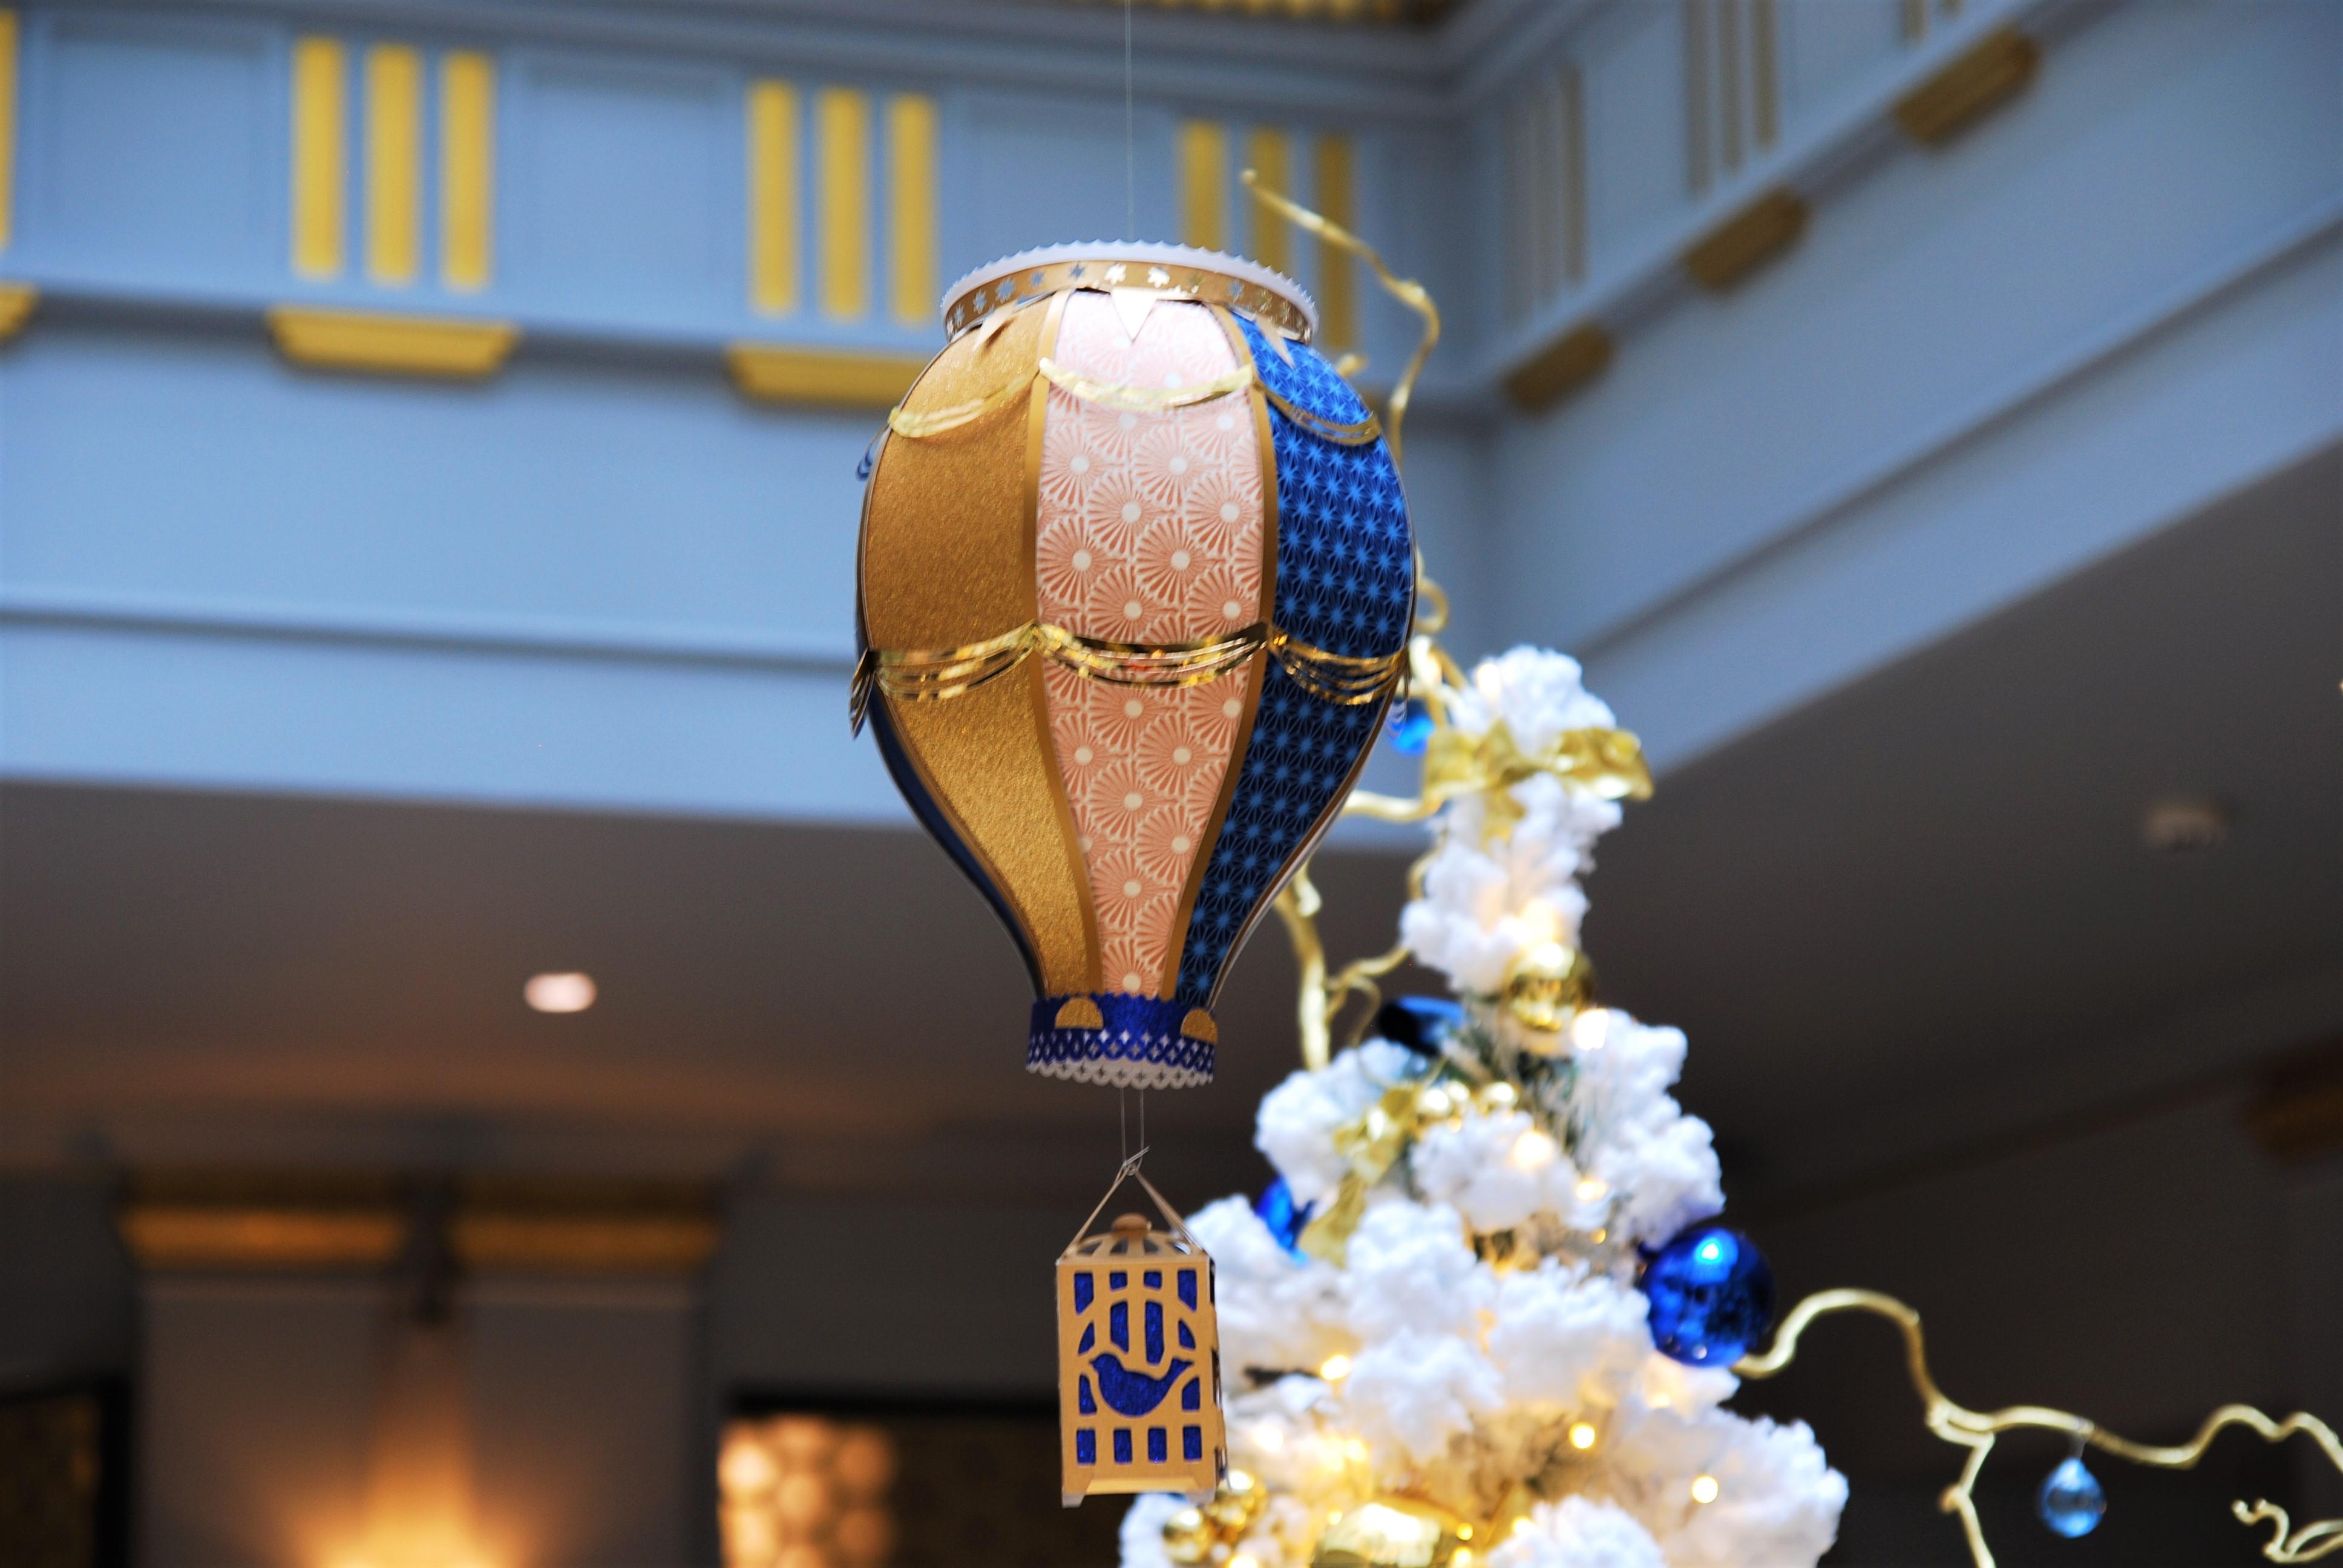 montgolfiere-zoom-paper-art-creation-pour-hotel-sofitel-paris-le-faubourg-noel-2018-Laure-Devenelle